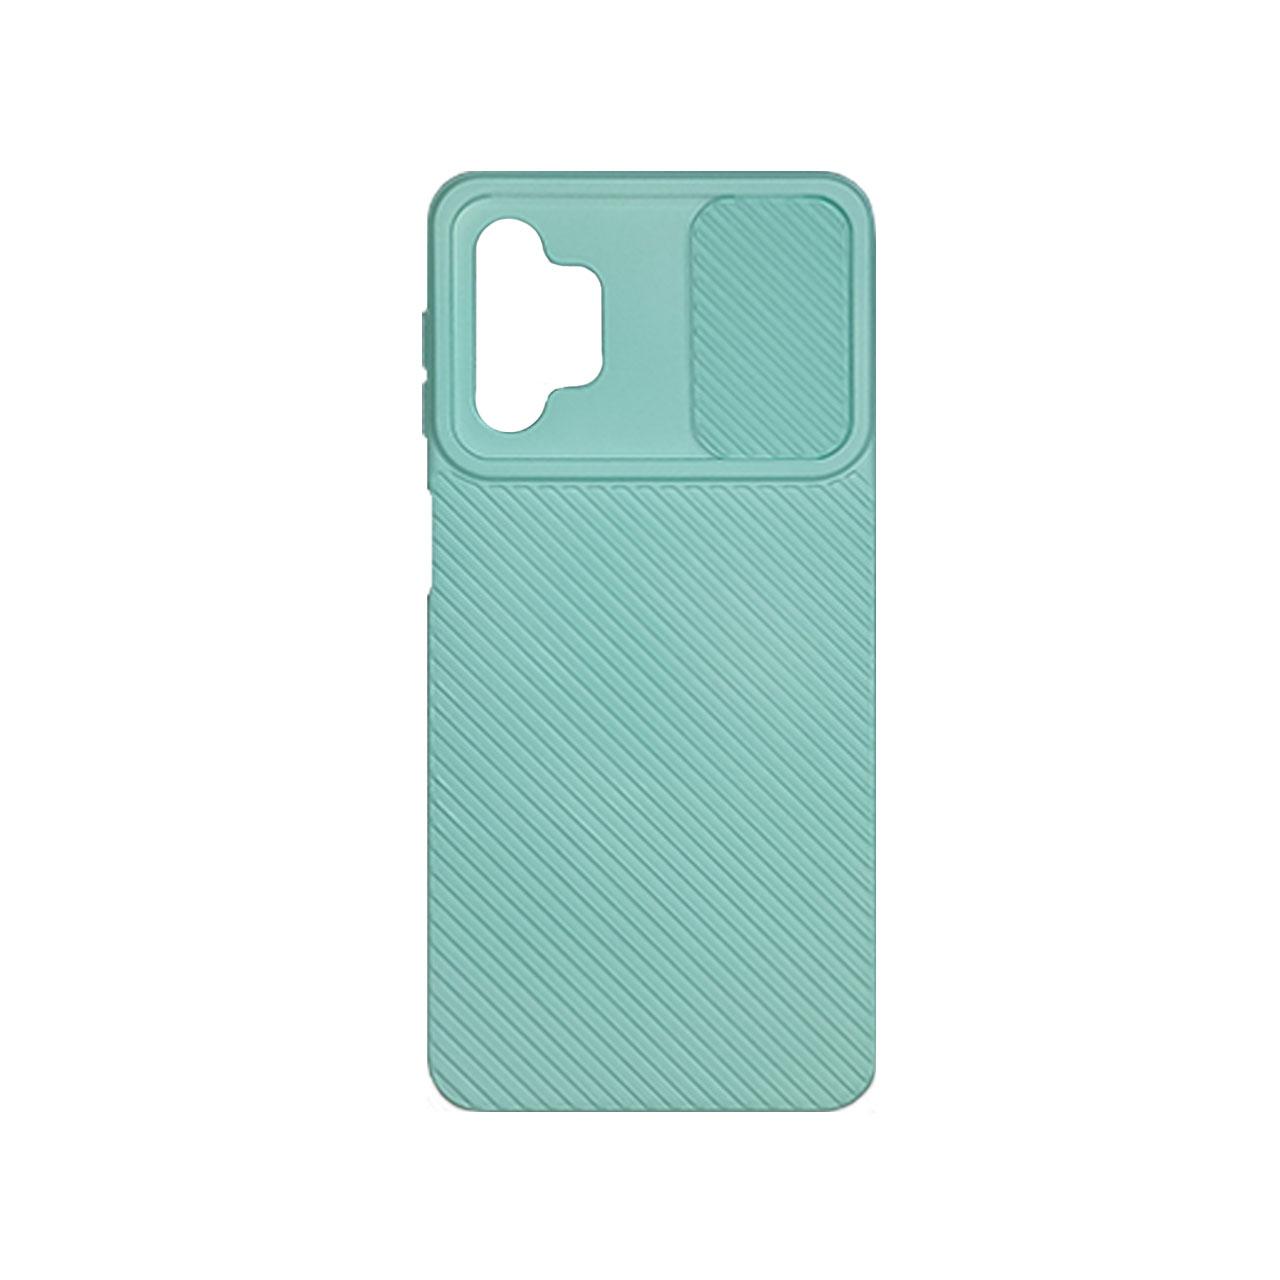 کاور مدل FRS مناسب برای گوشی موبایل سامسونگ Galaxy A32